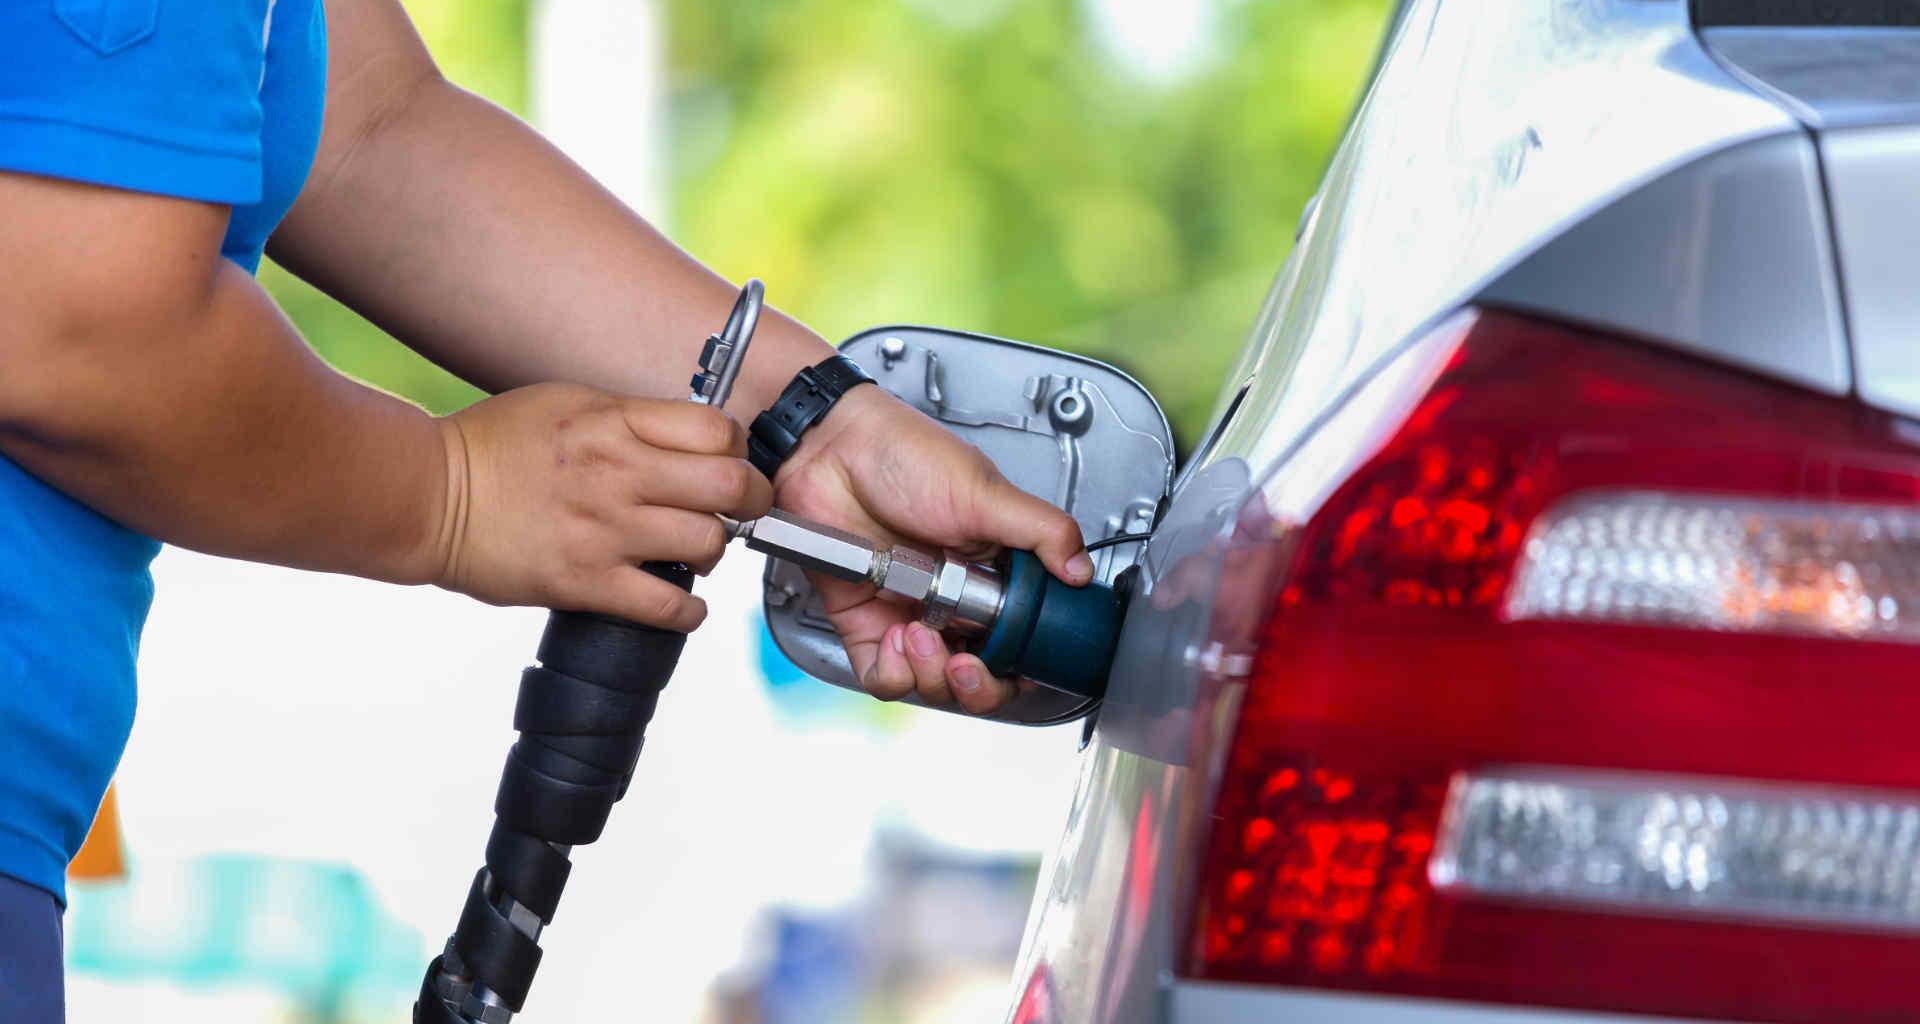 Želite predelati svoje vozilo na plin? Pomagali vam bomo najti pravega vgrajevalca avtoplina za vaše vozilo